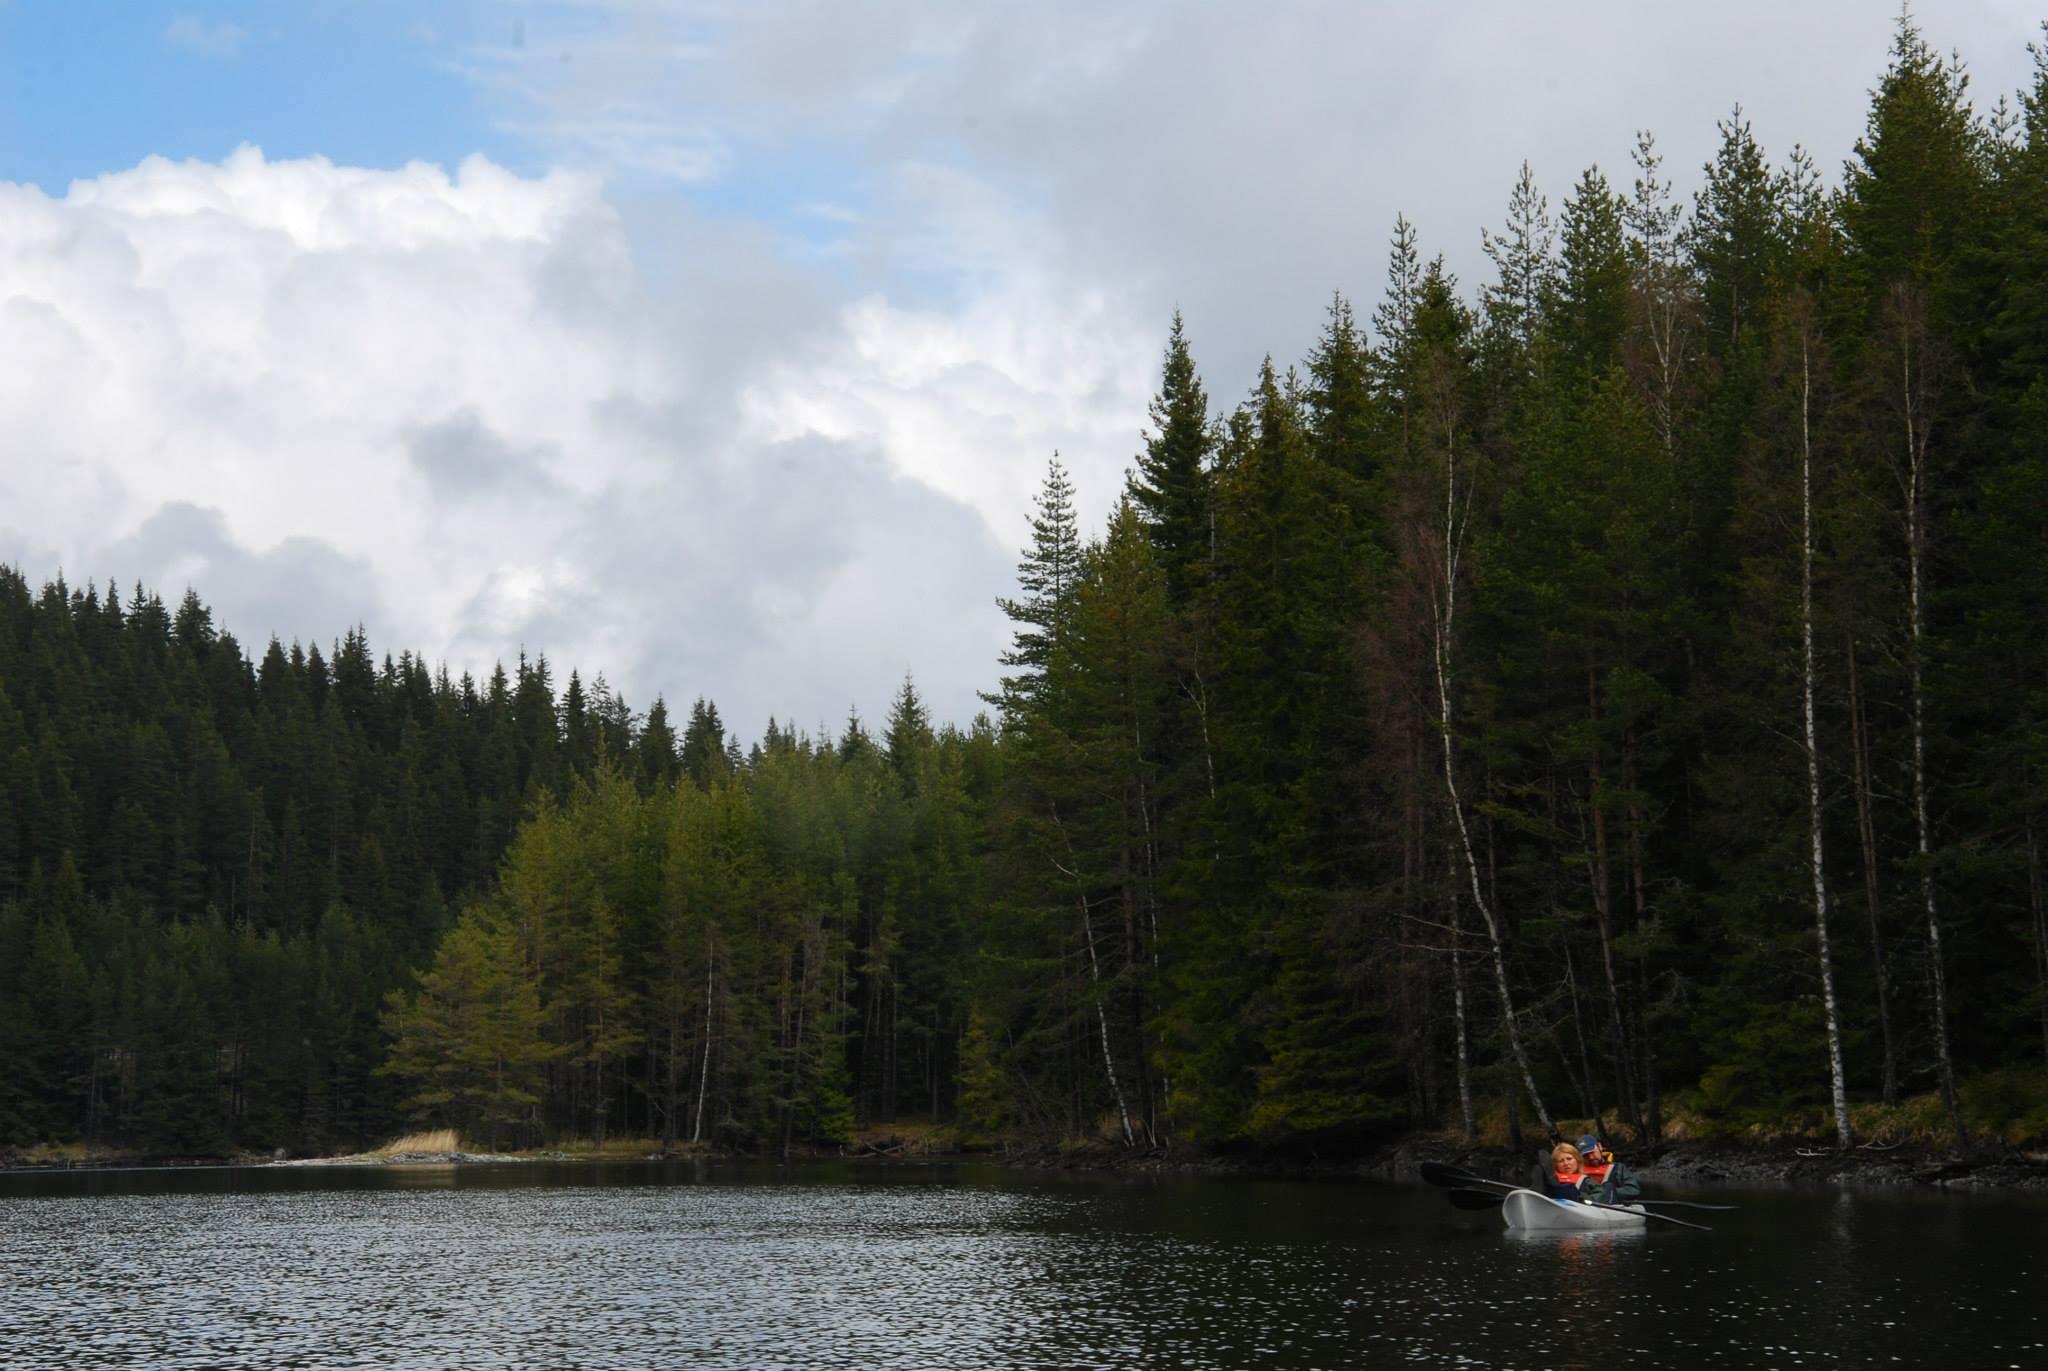 golqm beglik kayaking